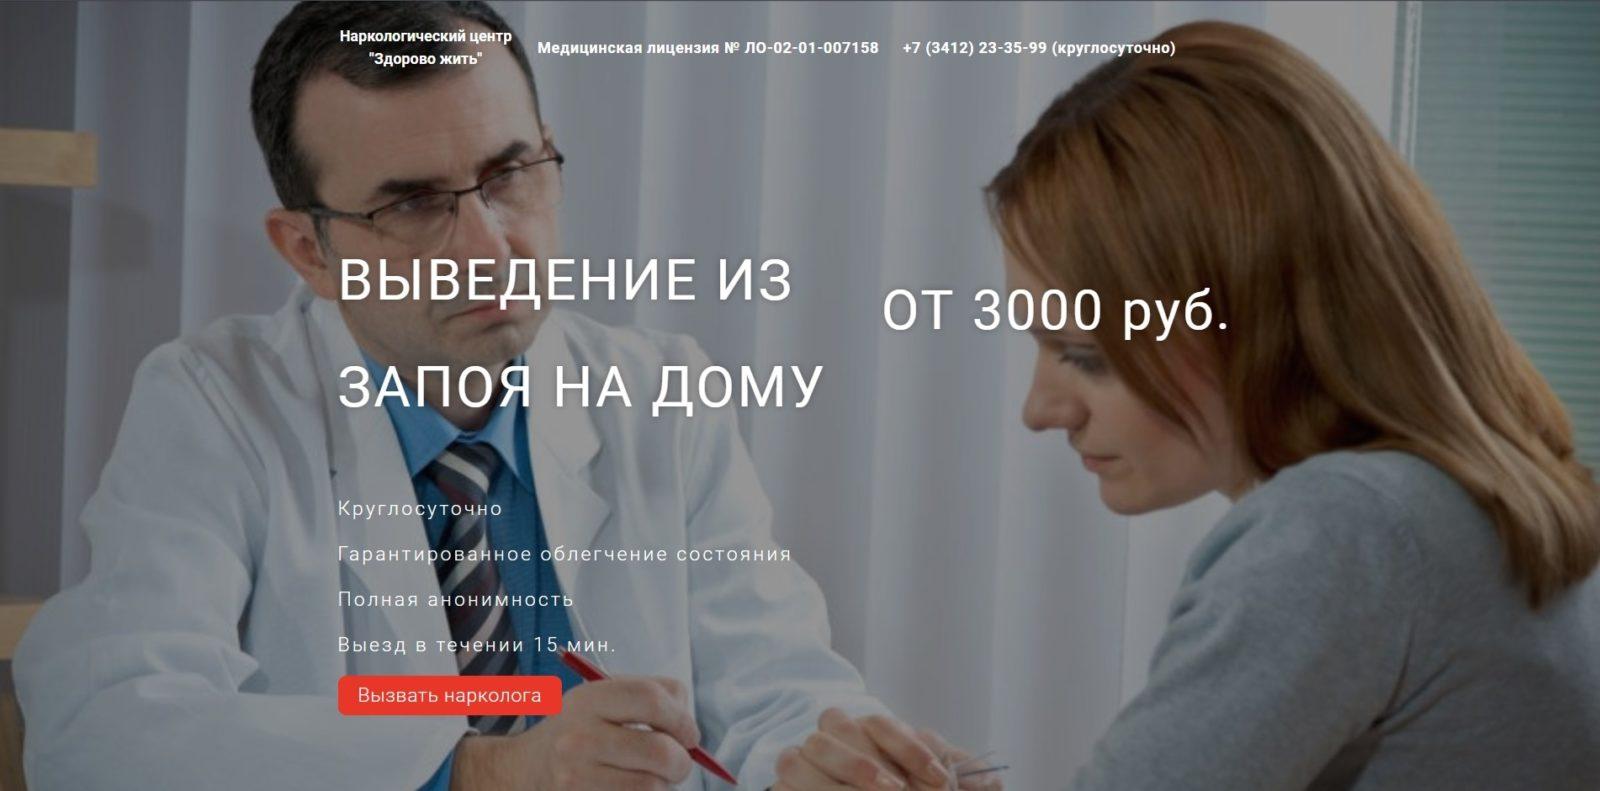 """Сайт наркологического центра """"Здорово жить"""""""